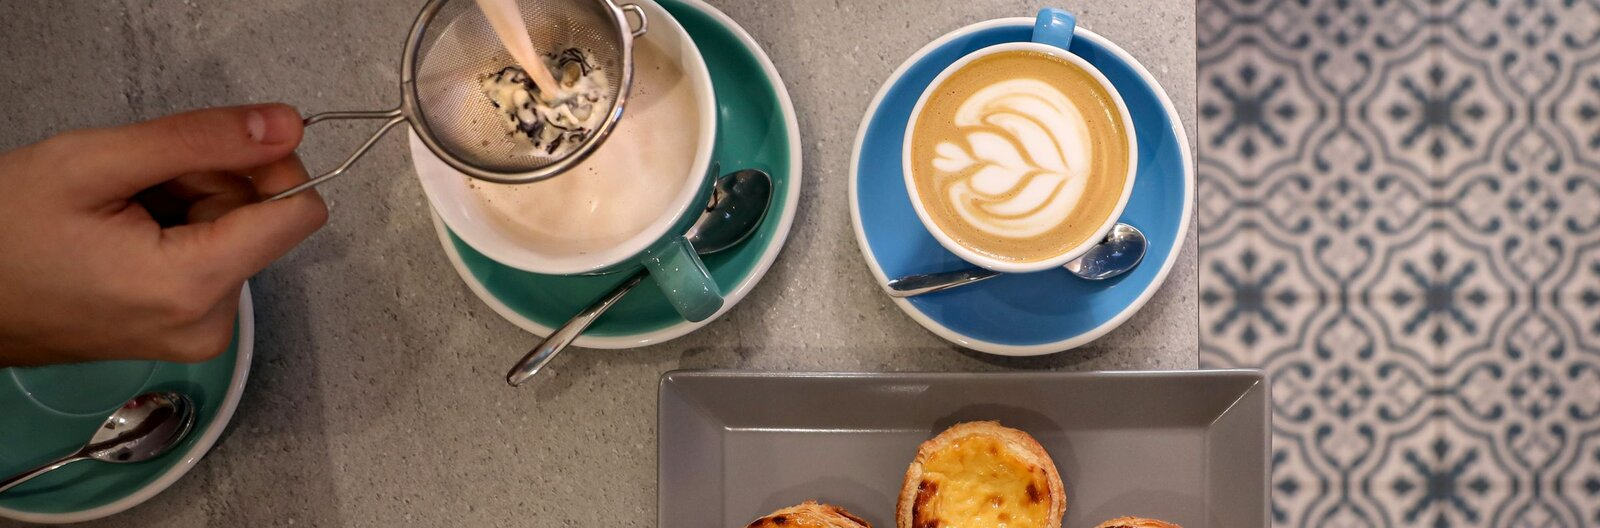 Lehet-e otthon reprodukálni a specialty kávét, és ha igen, hogyan?